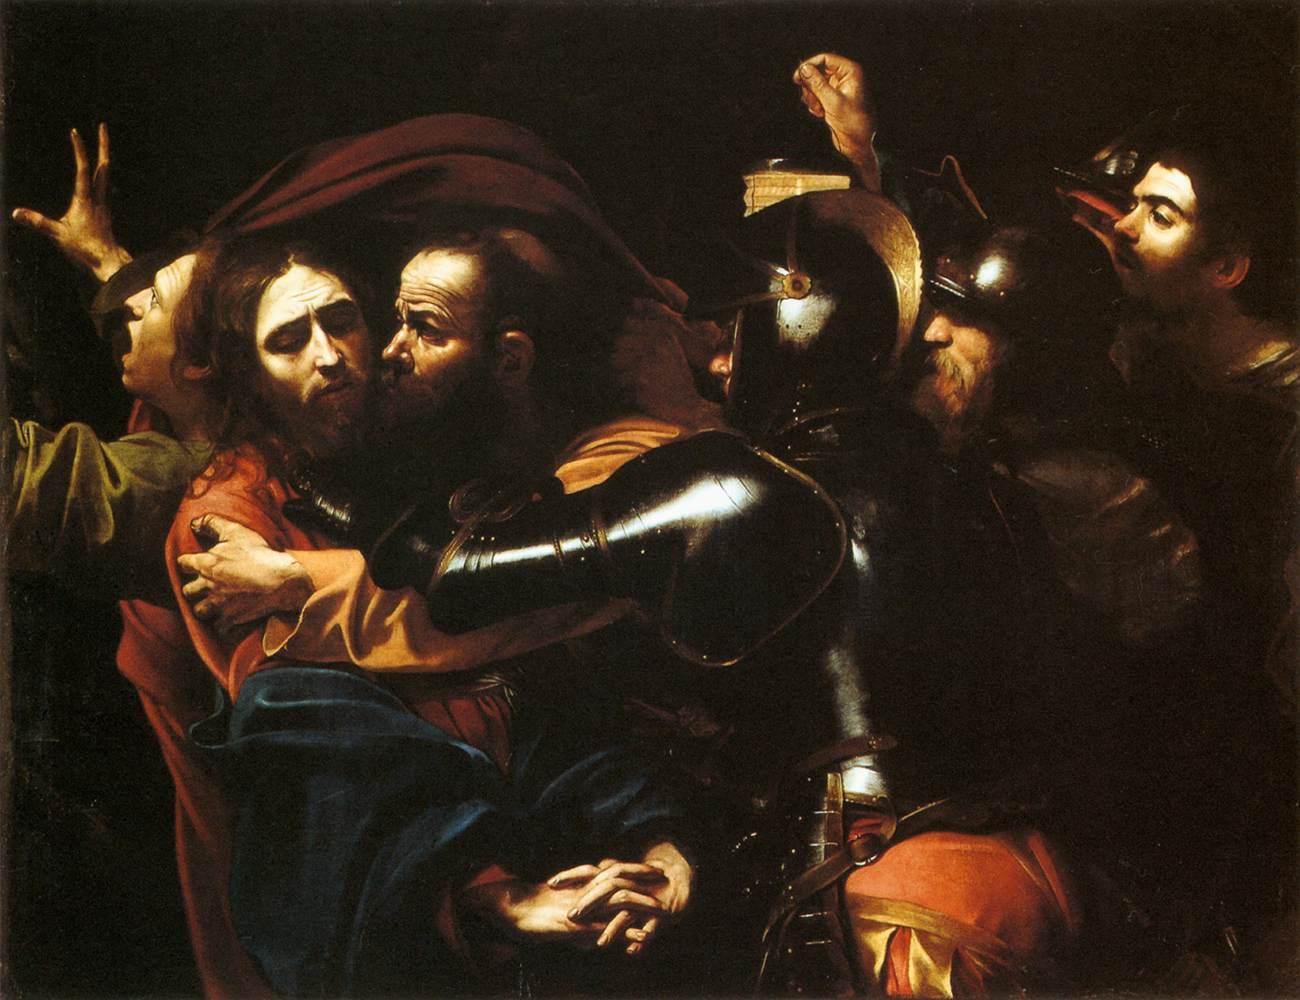 Michelangelo Merisi da Caravaggio, Cattura di Cristo, 1602. Galleria nazionale d'Irlanda, Dublino